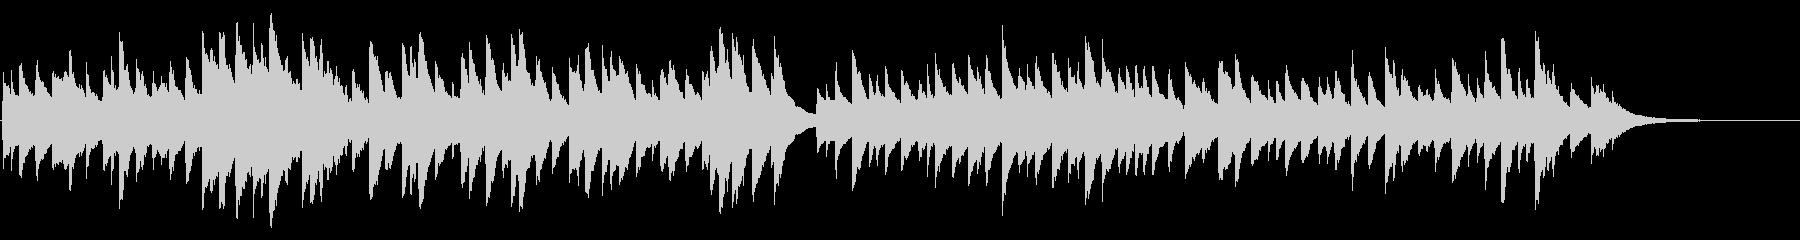 ブラームスの子守唄 72弁オルゴールの未再生の波形